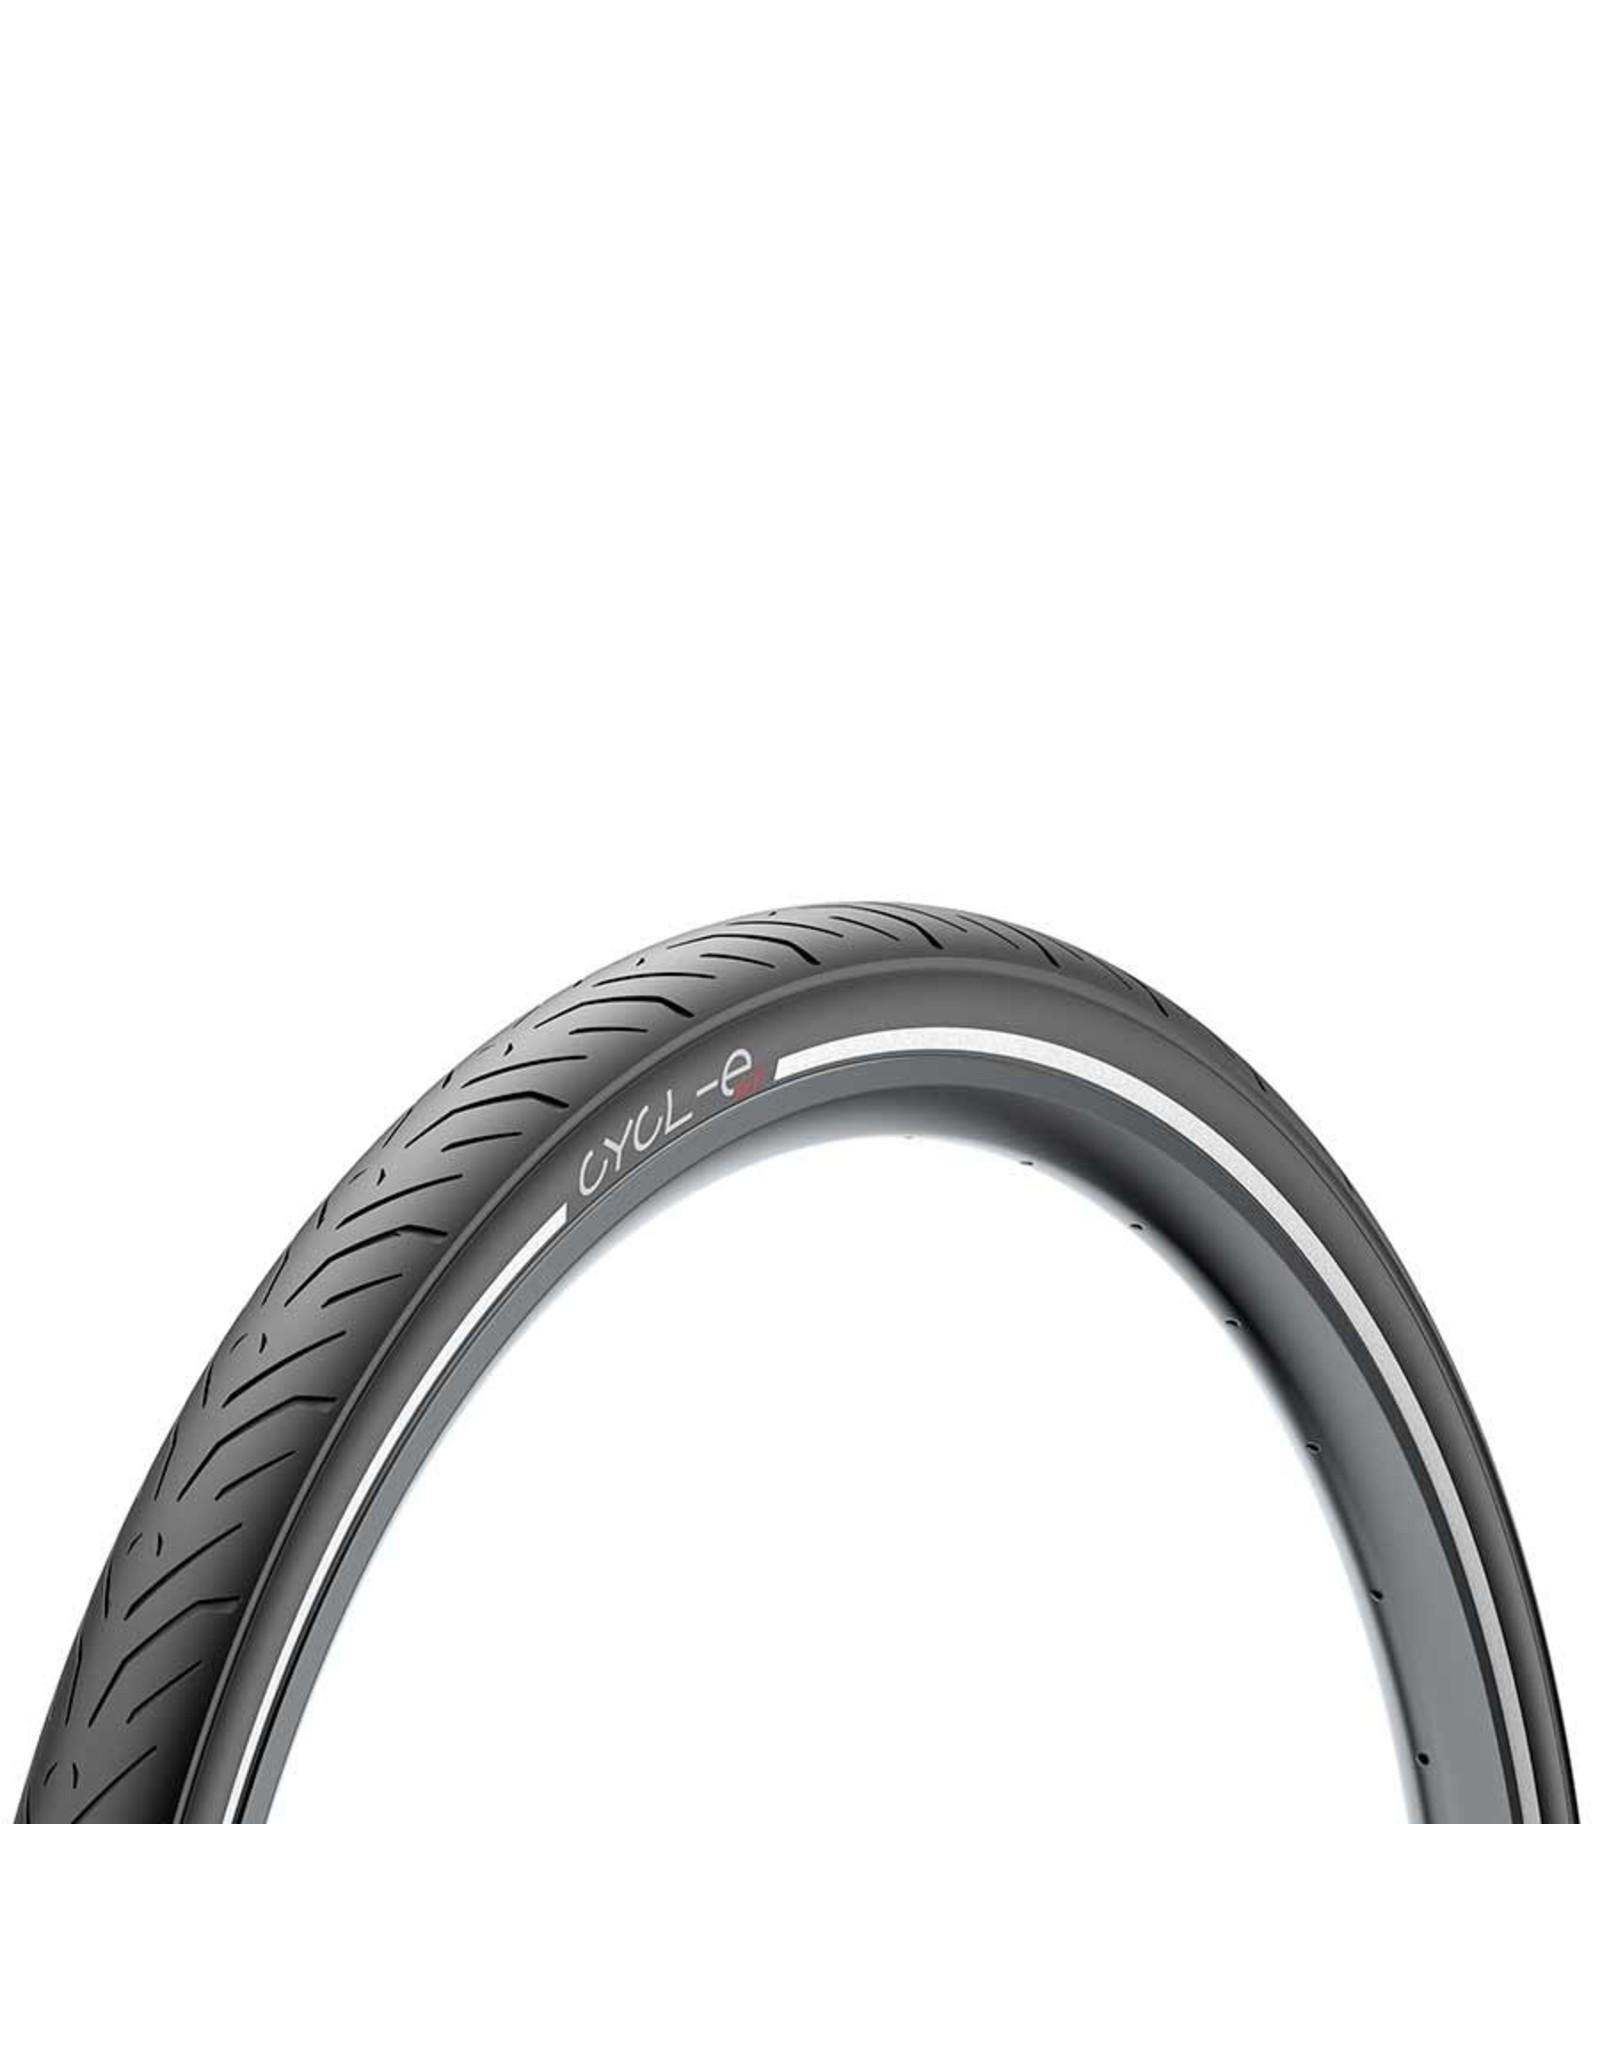 Pirelli, Cycl-e GT, Tire, 26''x2.10, Wire, Clincher, Black